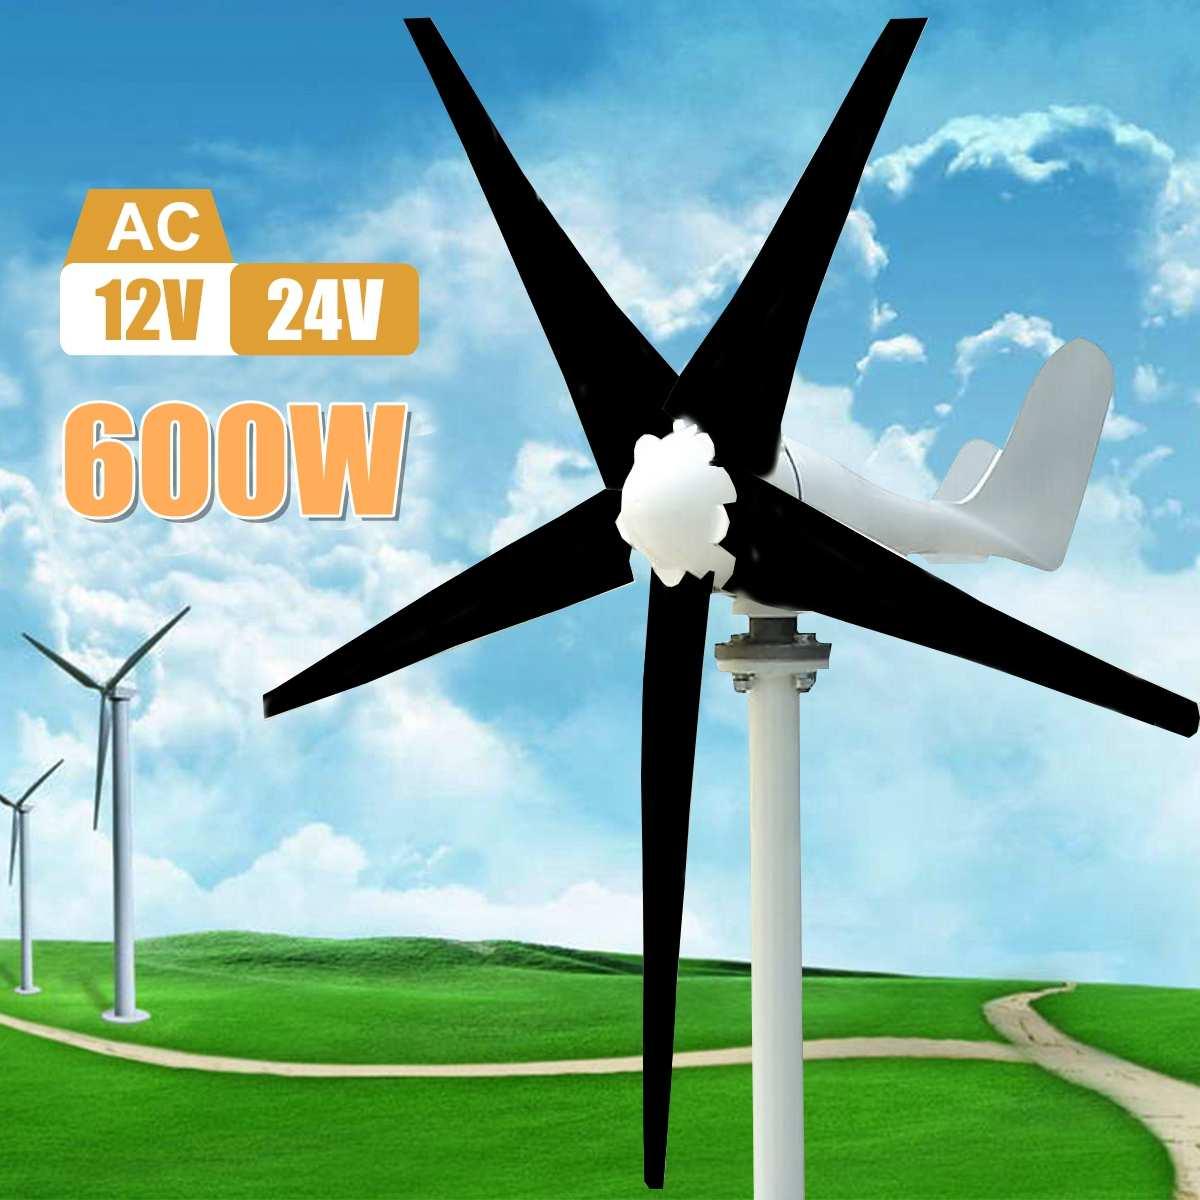 Max 600 w Vent Turbine Générateur AC 12 v/24 v 5 Lame Alimentation Générateur pour La Maison Hybride l'utilisation de lampadaire Kits